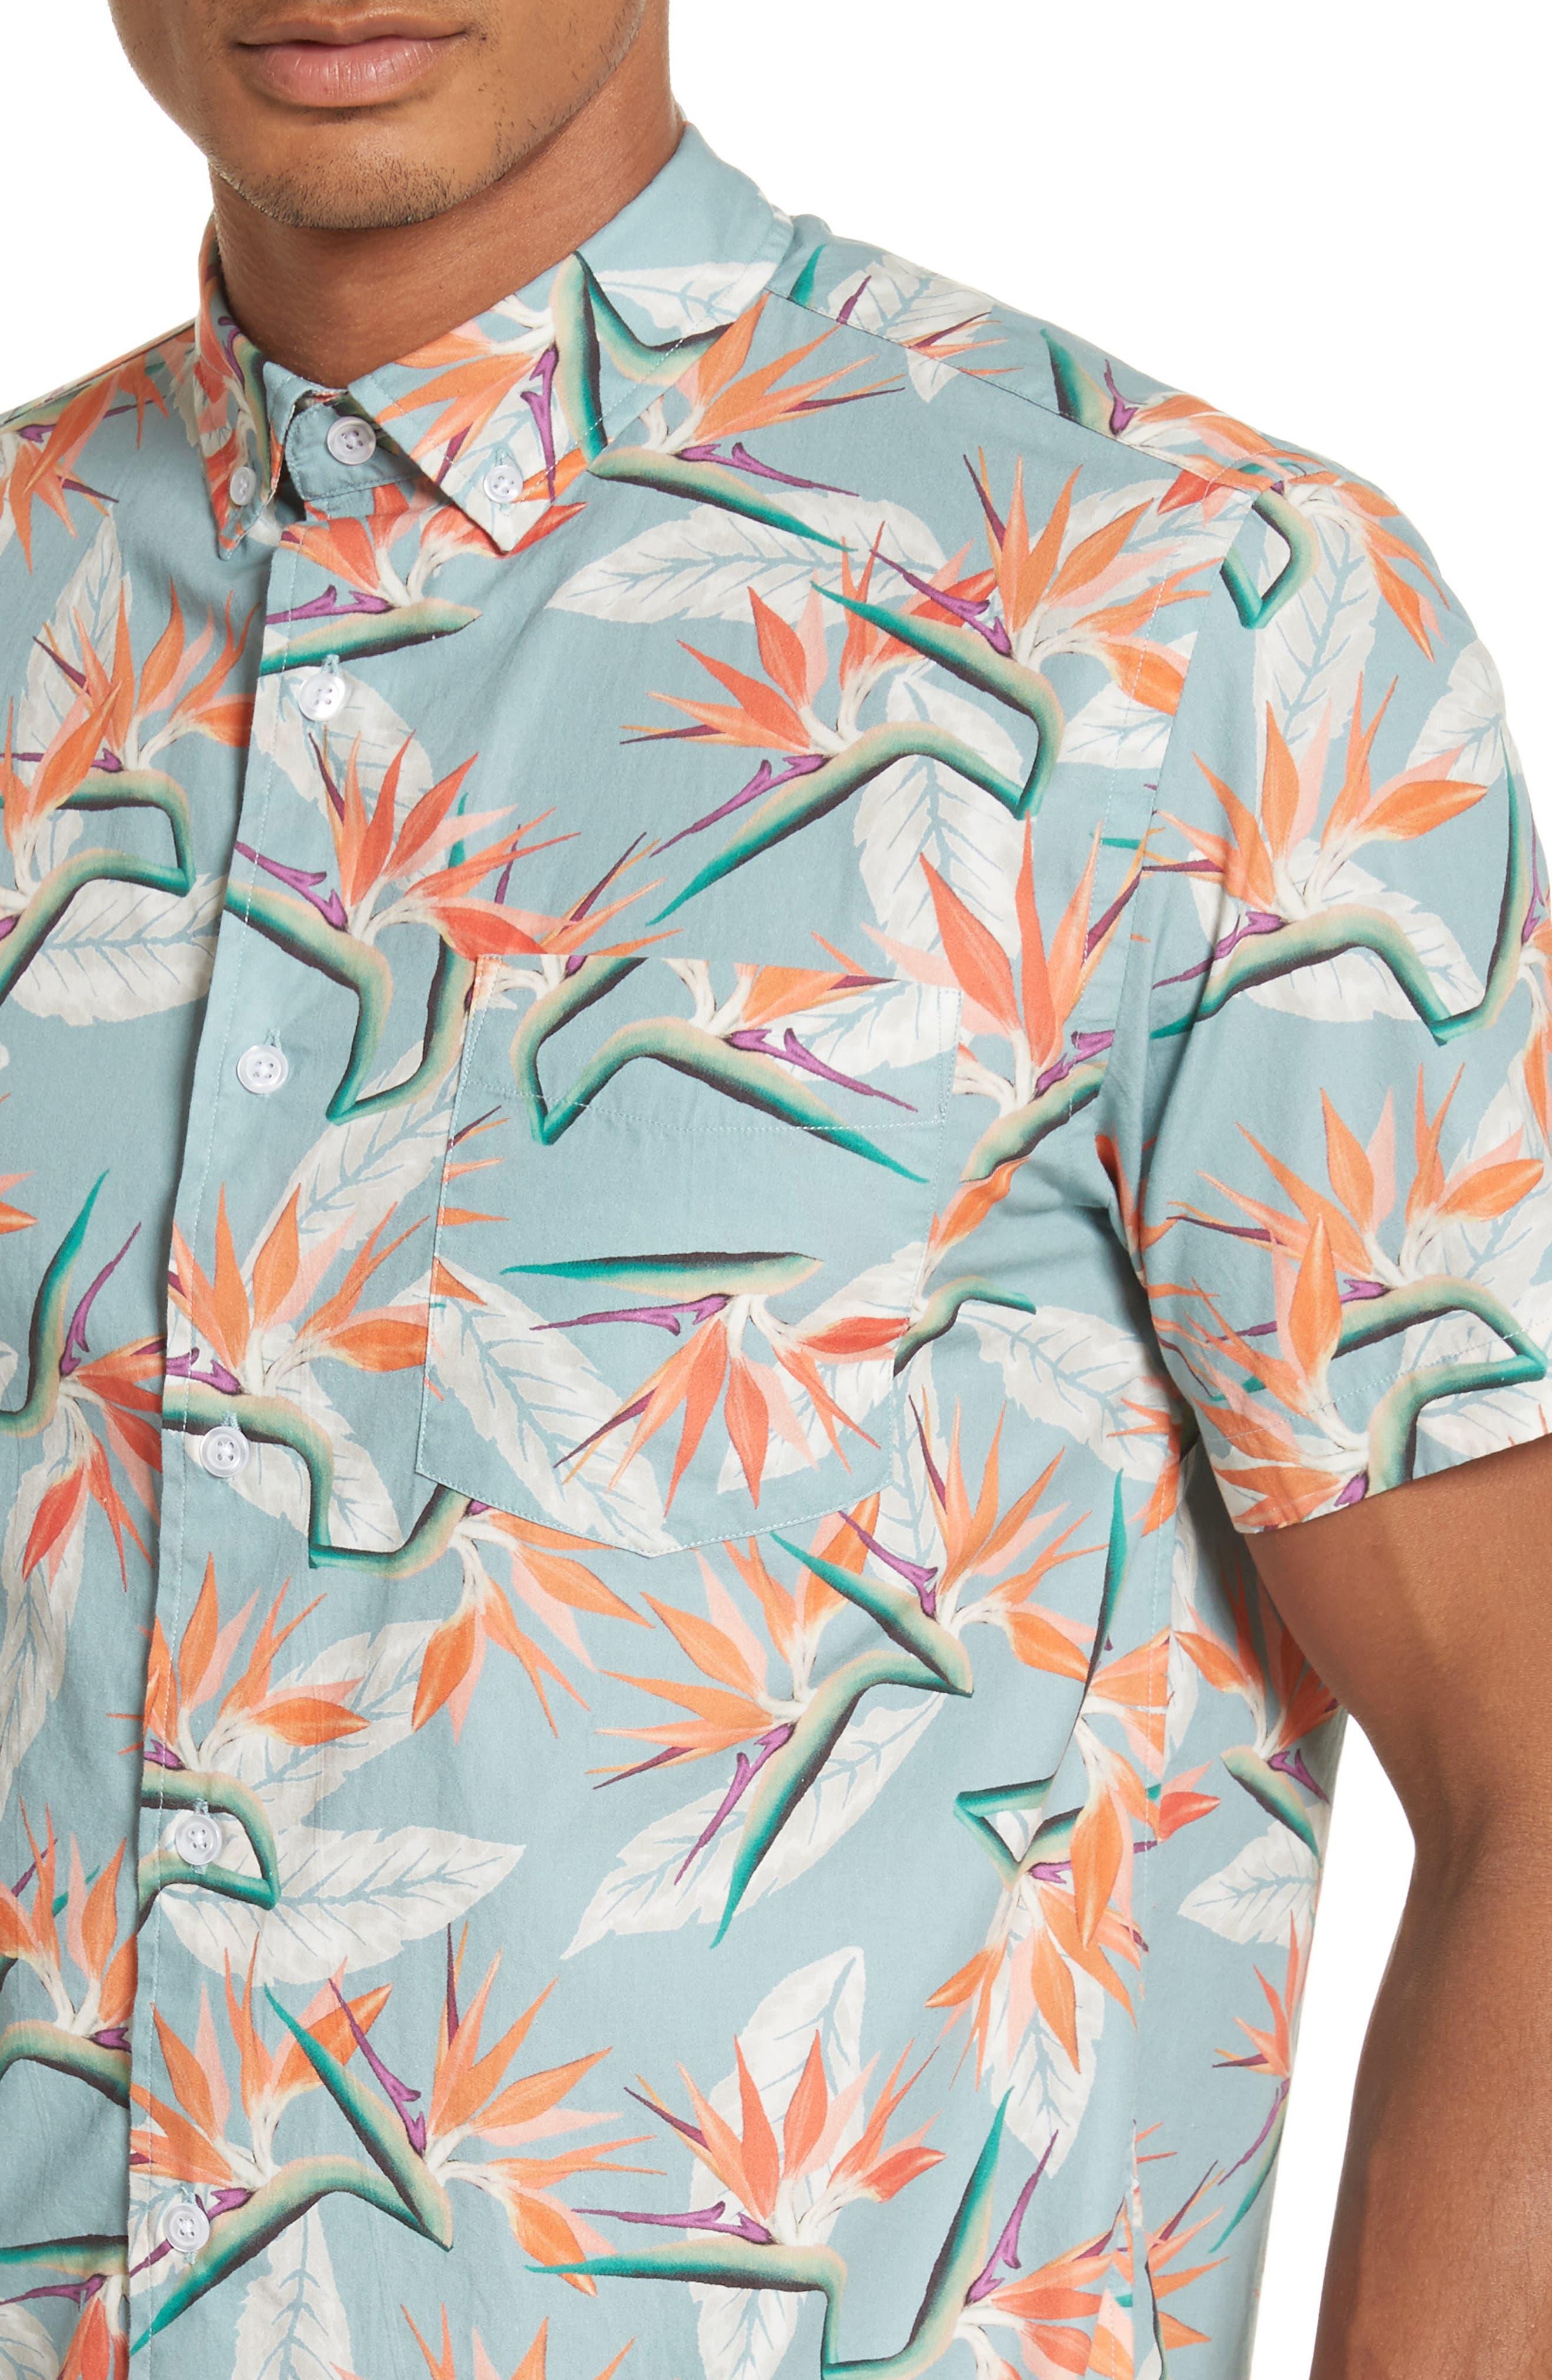 Esquina Paradise Woven Shirt,                             Alternate thumbnail 4, color,                             PARADISE PRINT